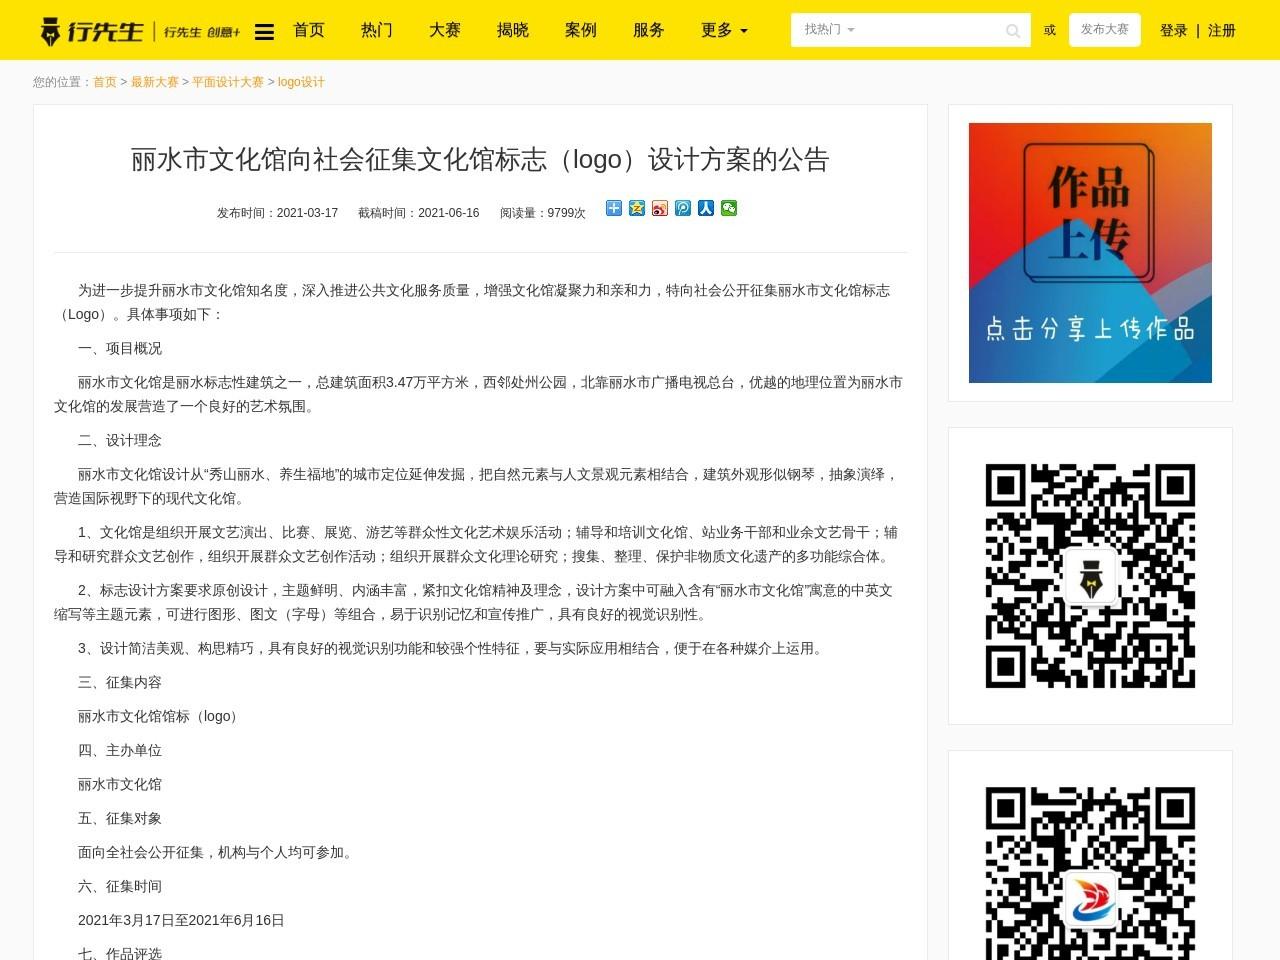 丽水市文化馆向社会征集文化馆标志(logo)设计方案的公告